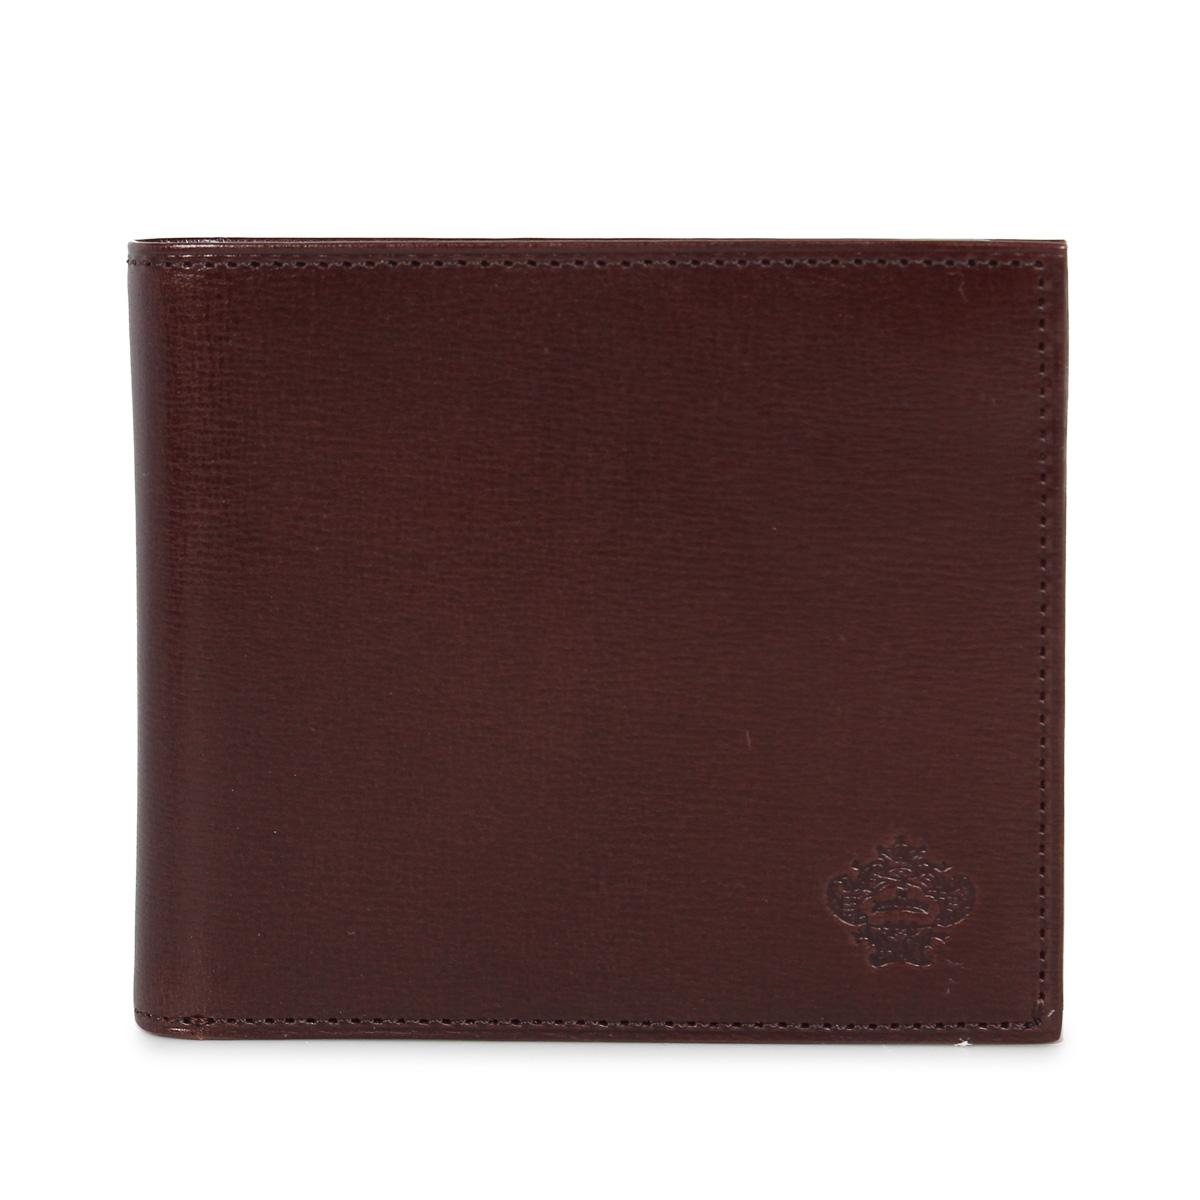 国内発送 Orobianco BI-FOLD WALLET オロビアンコ 財布 二つ折り メンズ 本革 ブラック ネイビー ダーク ブラウン 黒 ORS-062309, マツオマチ 7de12d02